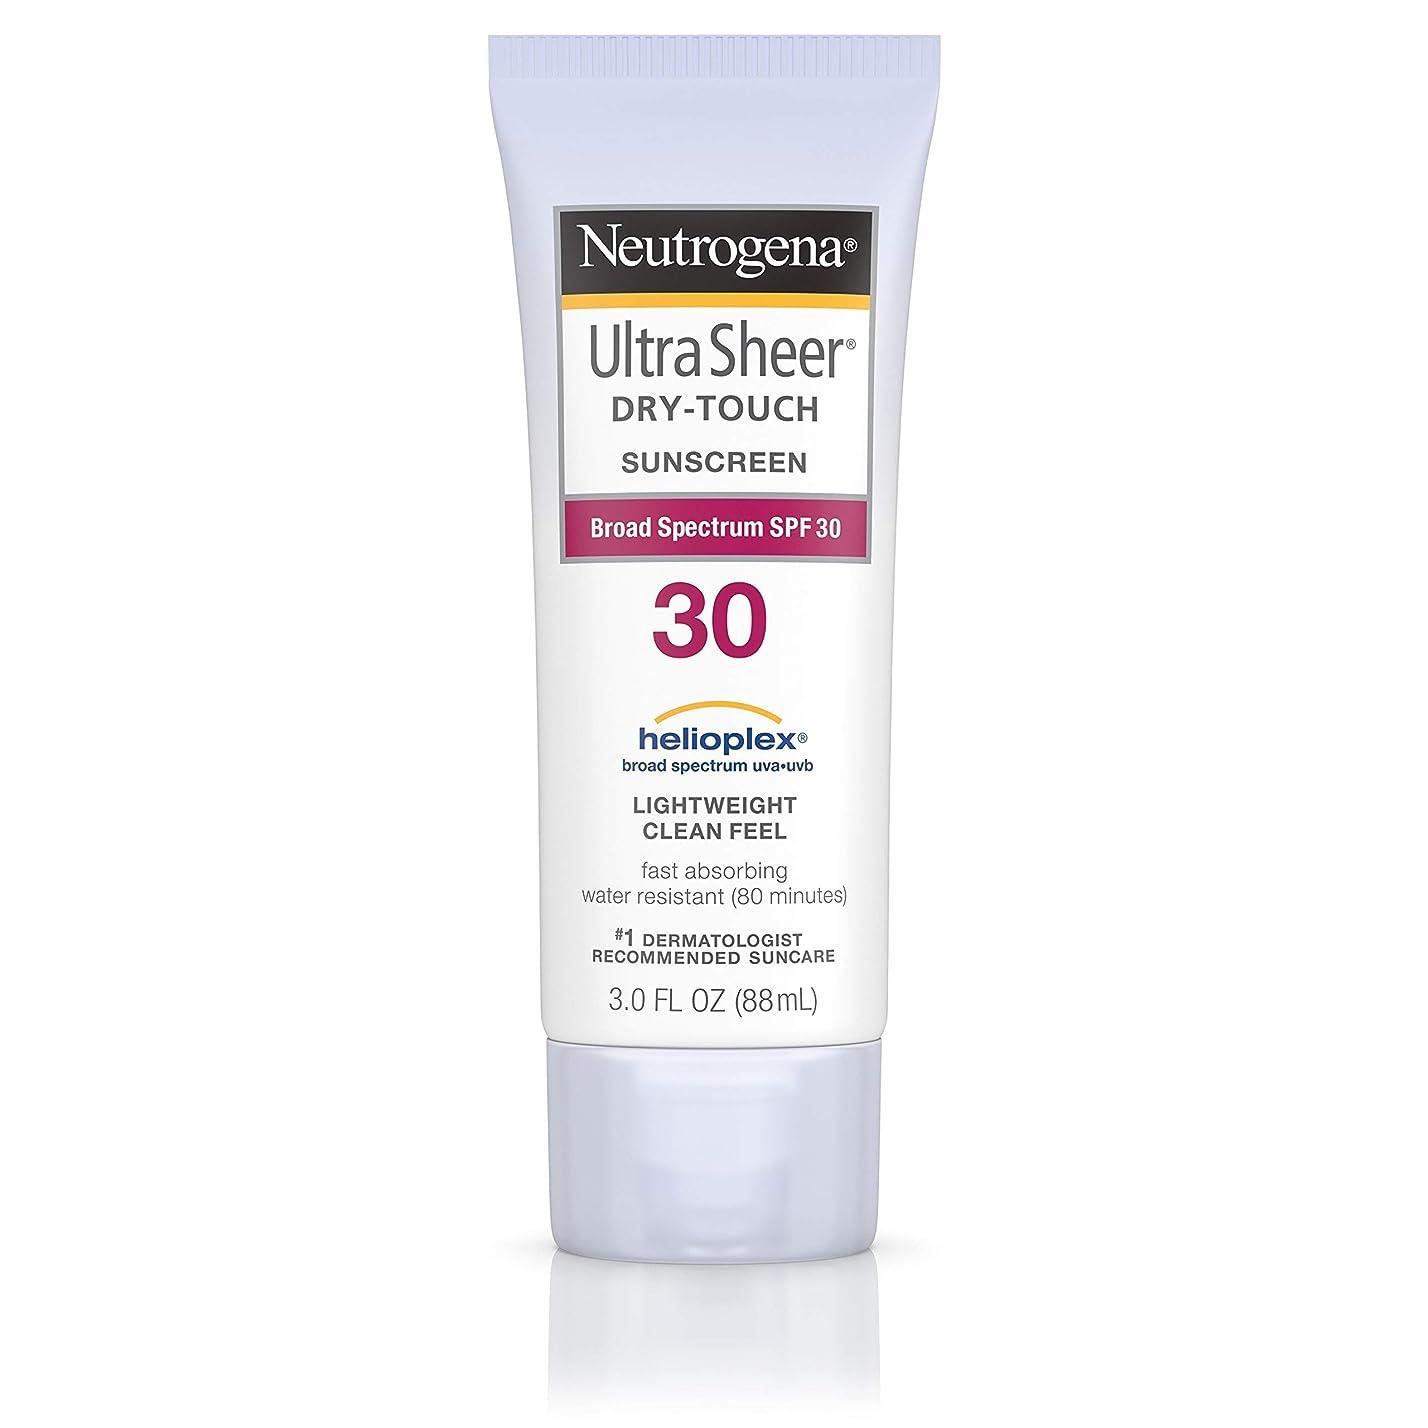 スクラブ符号うんNeutrogena Ultra Sheer Sunblock Dry Touch SPF 30 (並行輸入品)